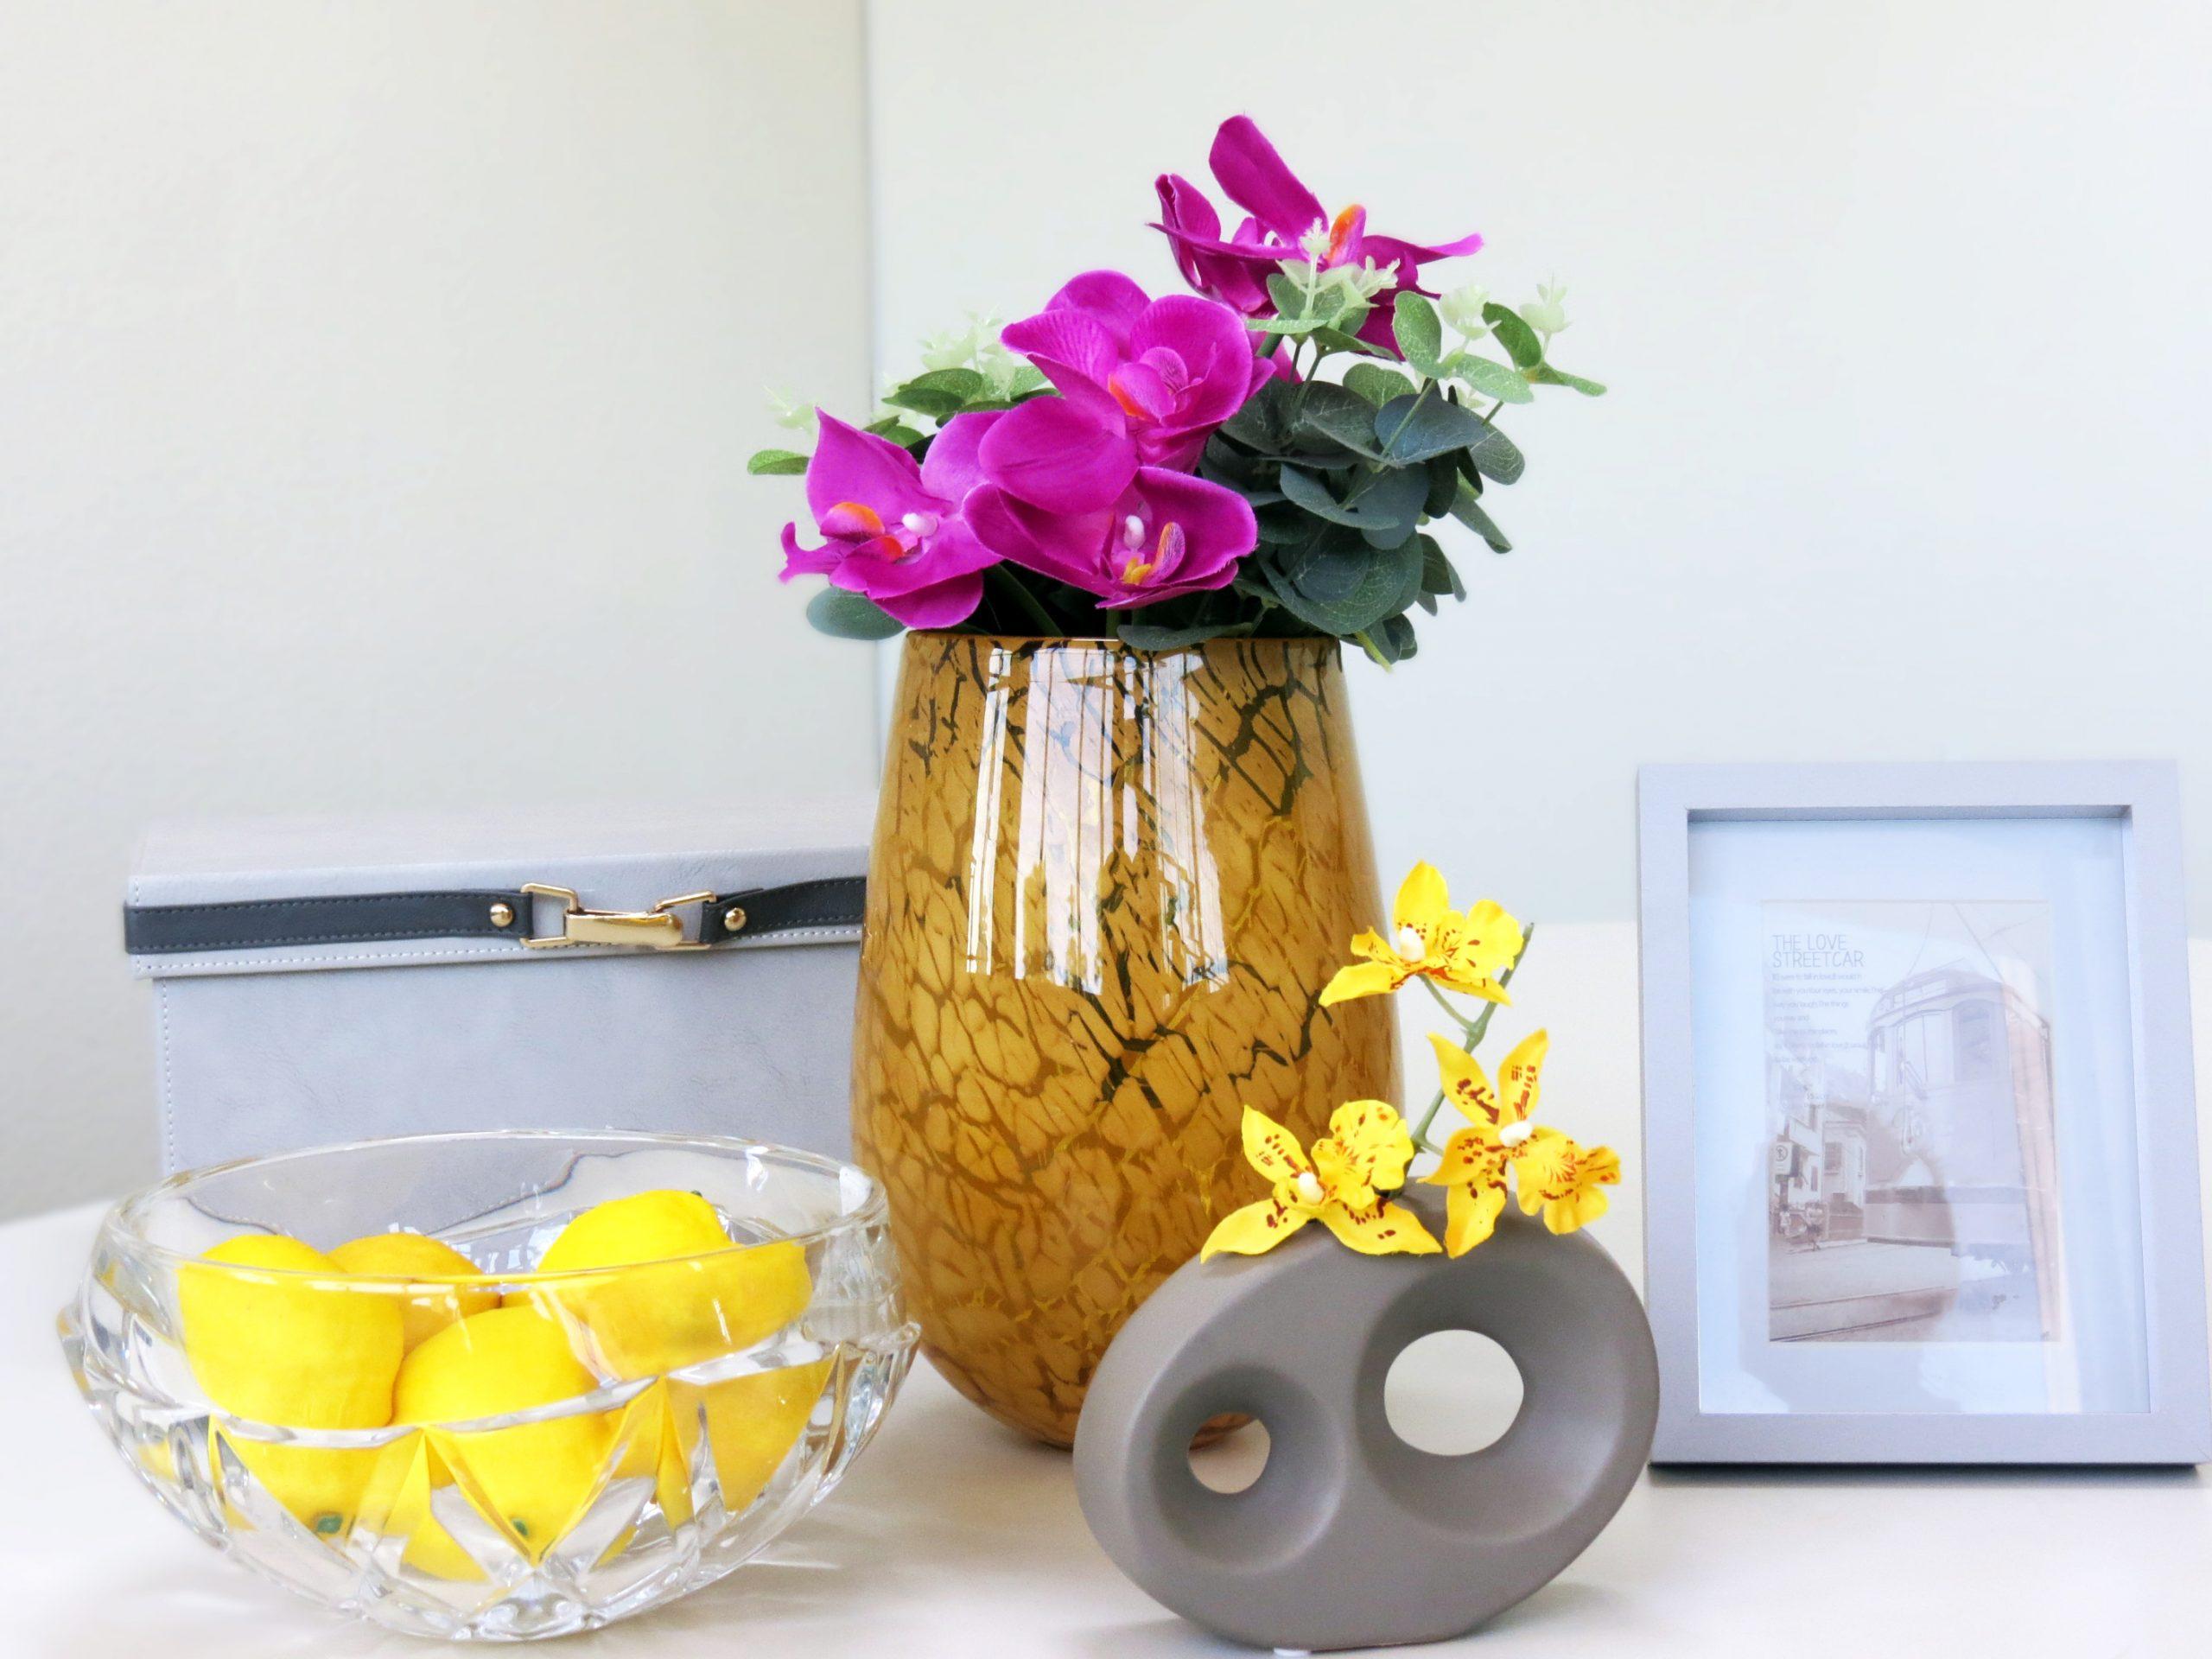 Foto ambientada do vaso